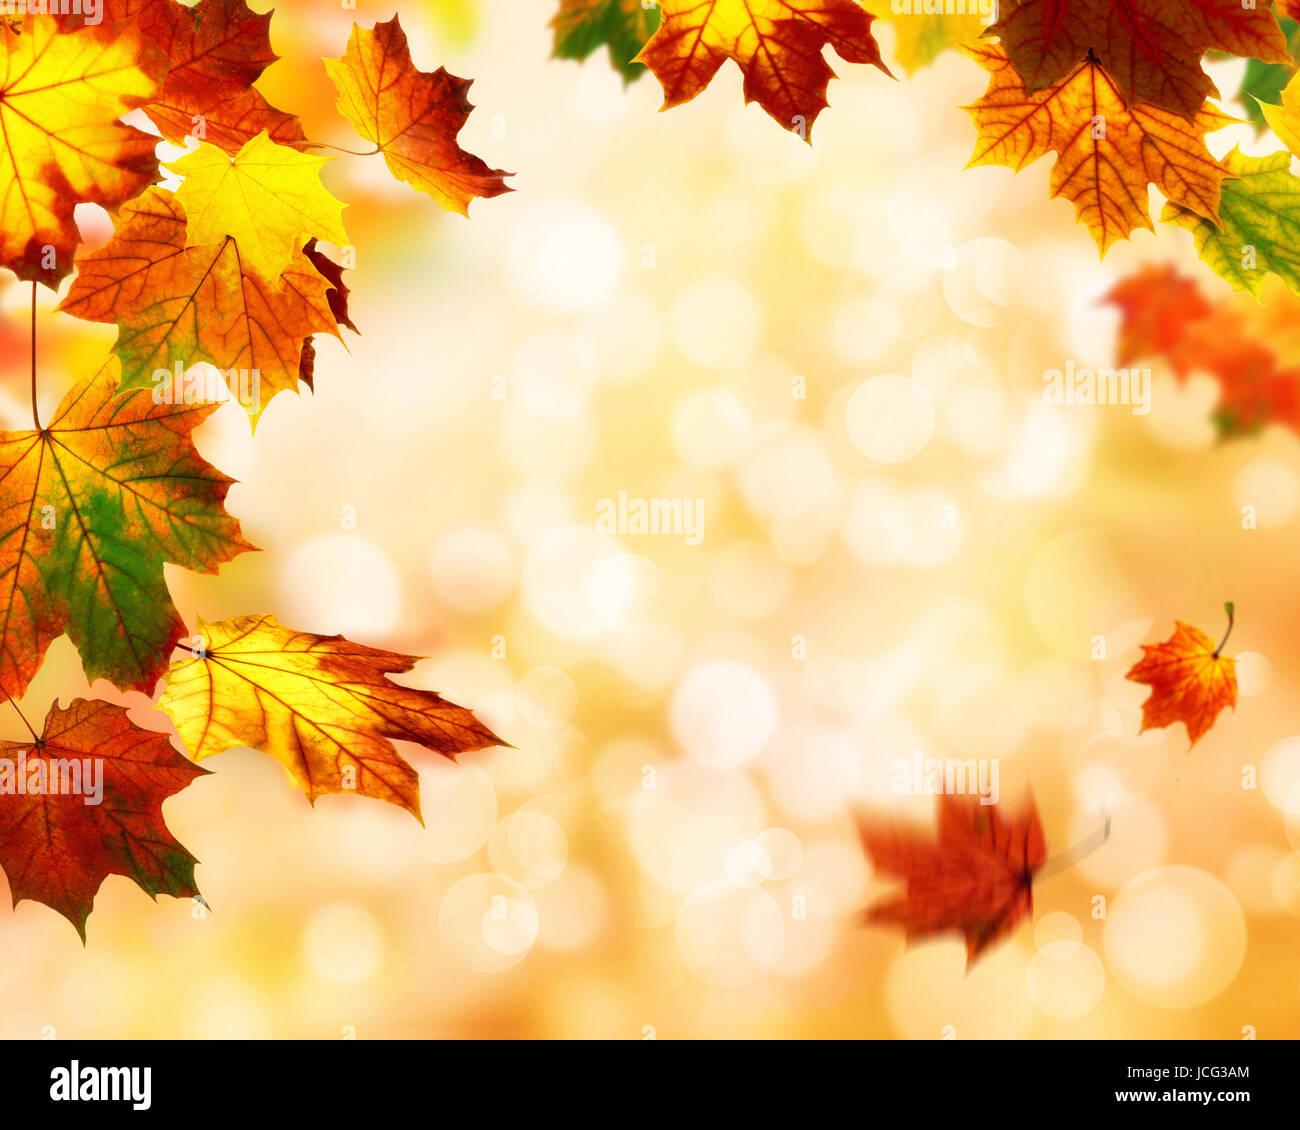 Herbst Hintergrund Mit Buntem Laubwerk Im Vordergrund Und Unscharfe